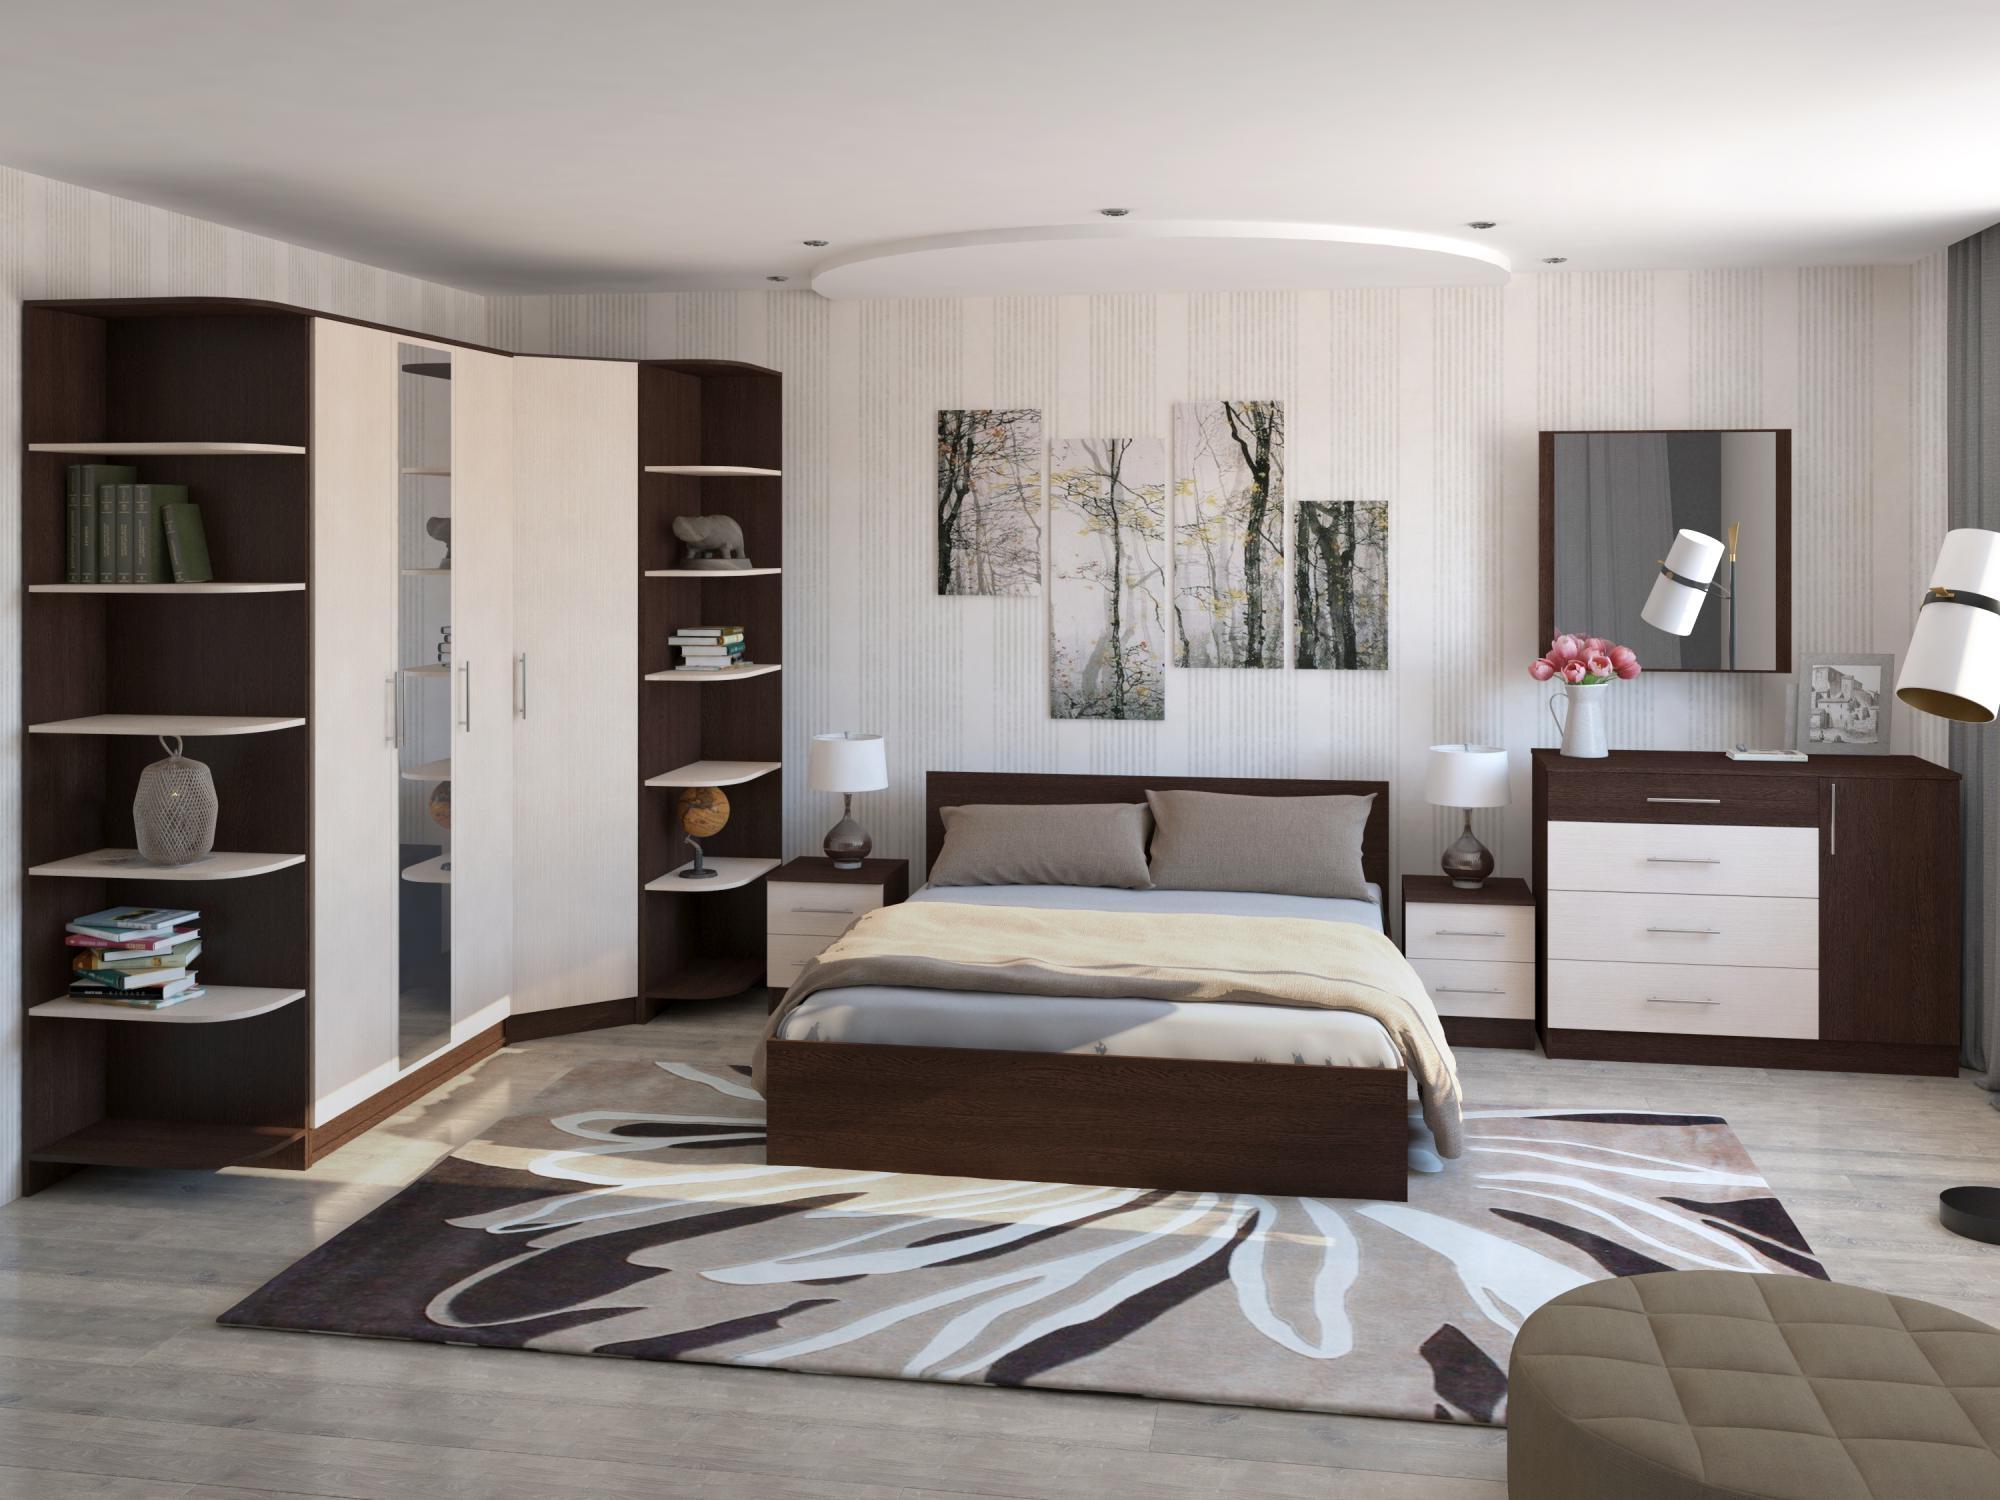 Дизайн спальни для молодой пары фото случае дымоходом